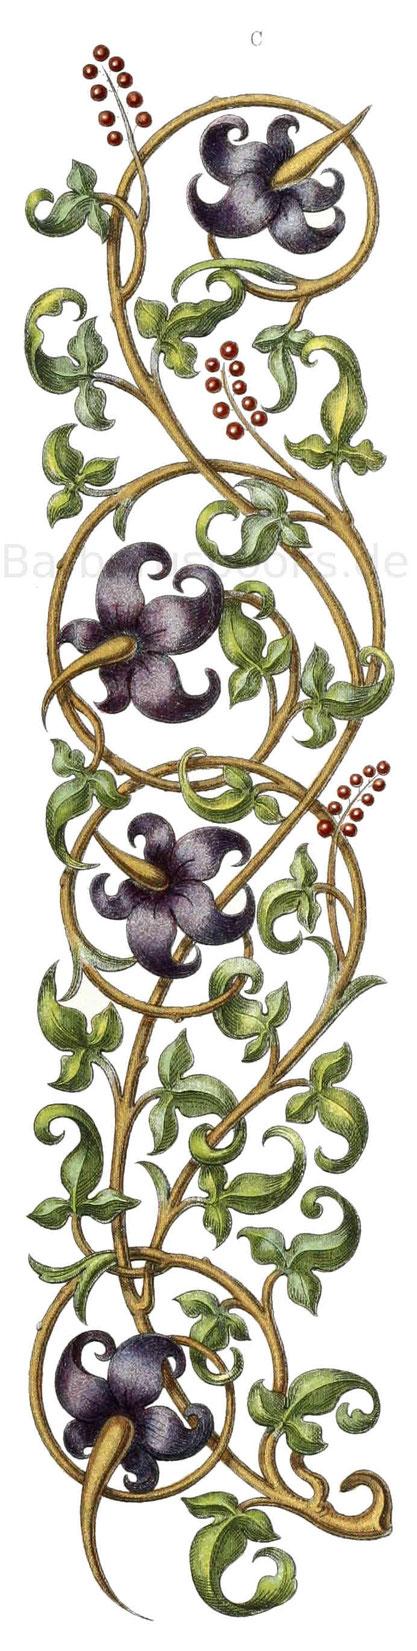 Ornamente aus dem Übergang des 15. in das 16. Jahrhundert.